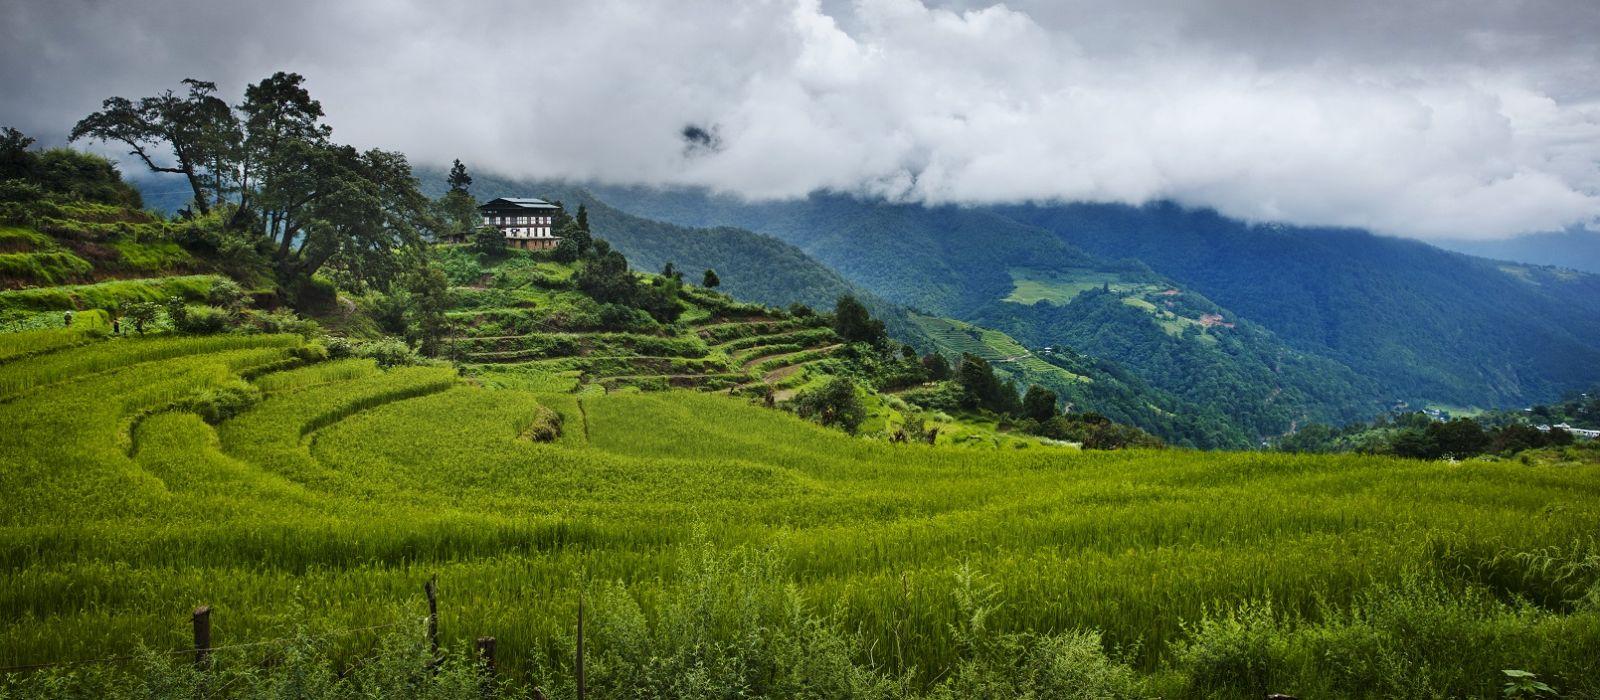 Himalaya und Inselparadies – Bhutan & Thailand Luxusreise Urlaub 2